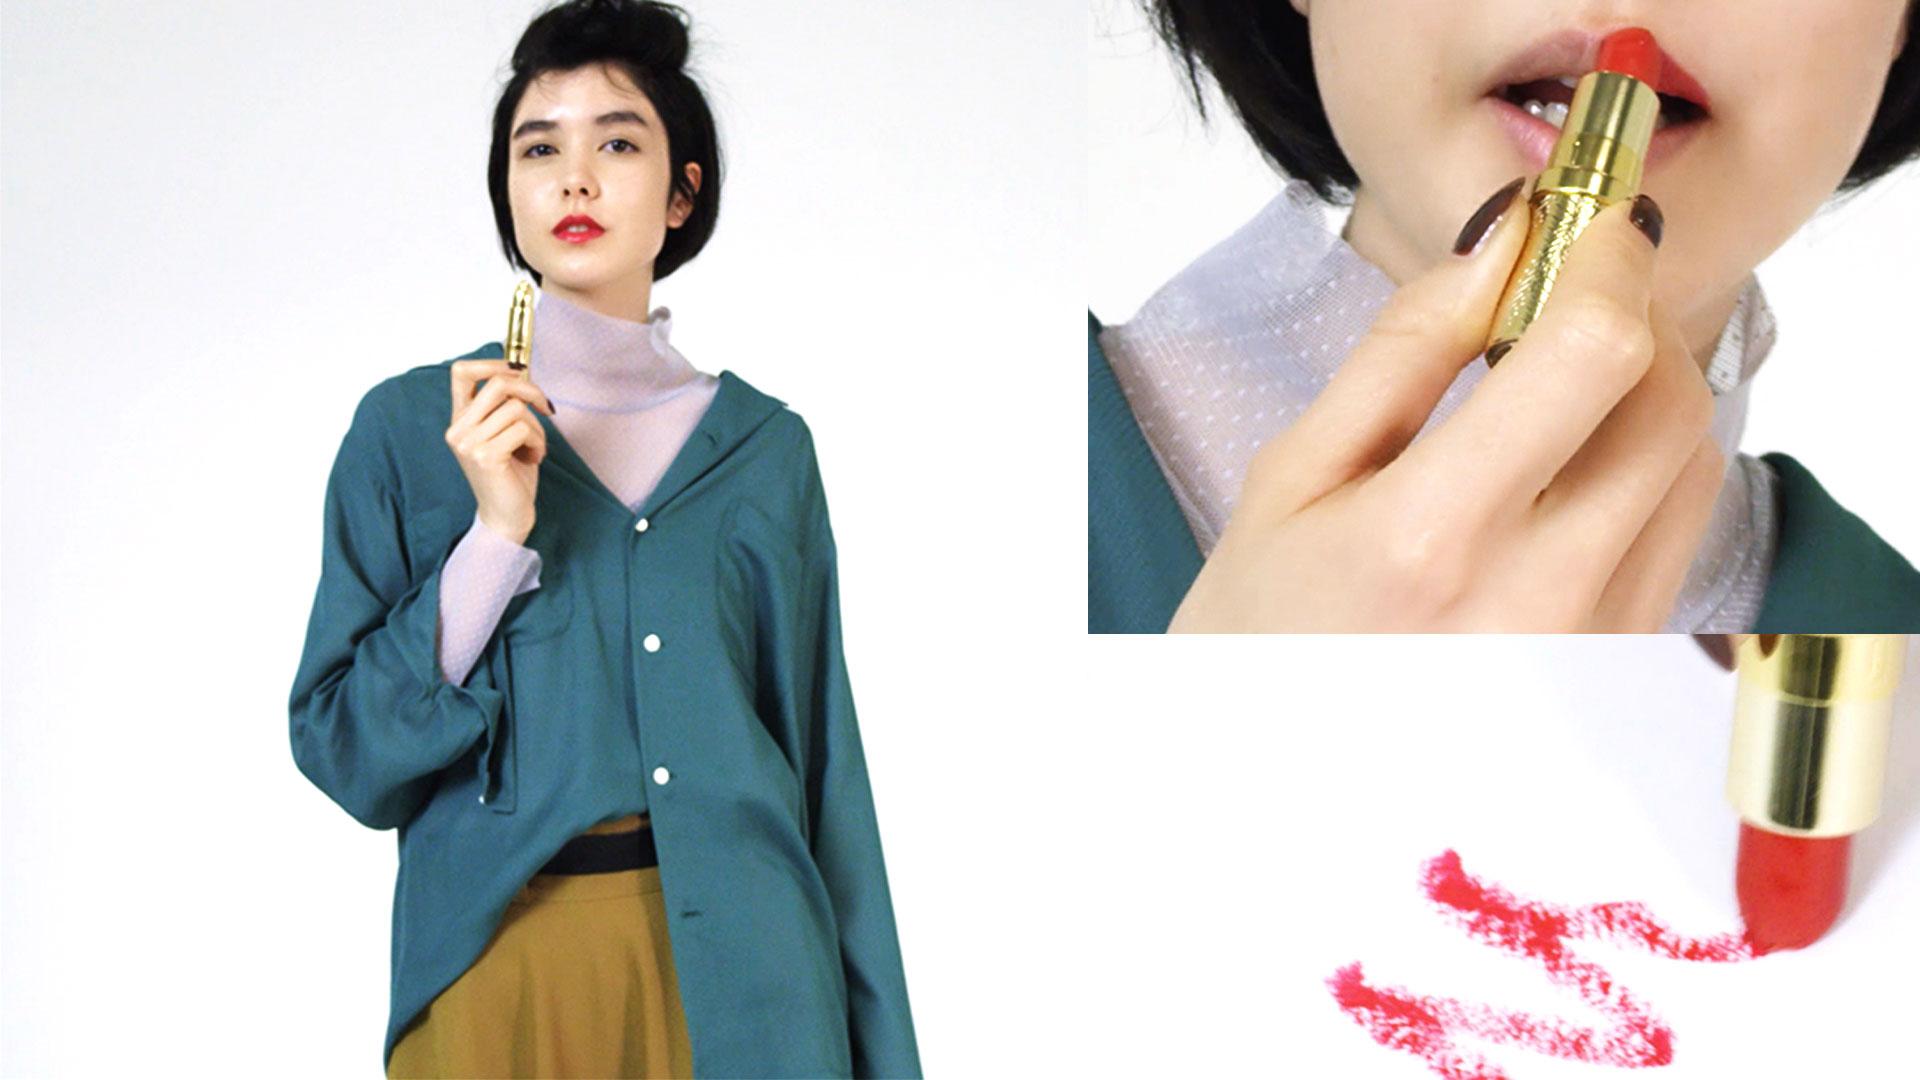 【服とメイクの関係】マニッシュな緑の服に、リップは何色を合わせる?